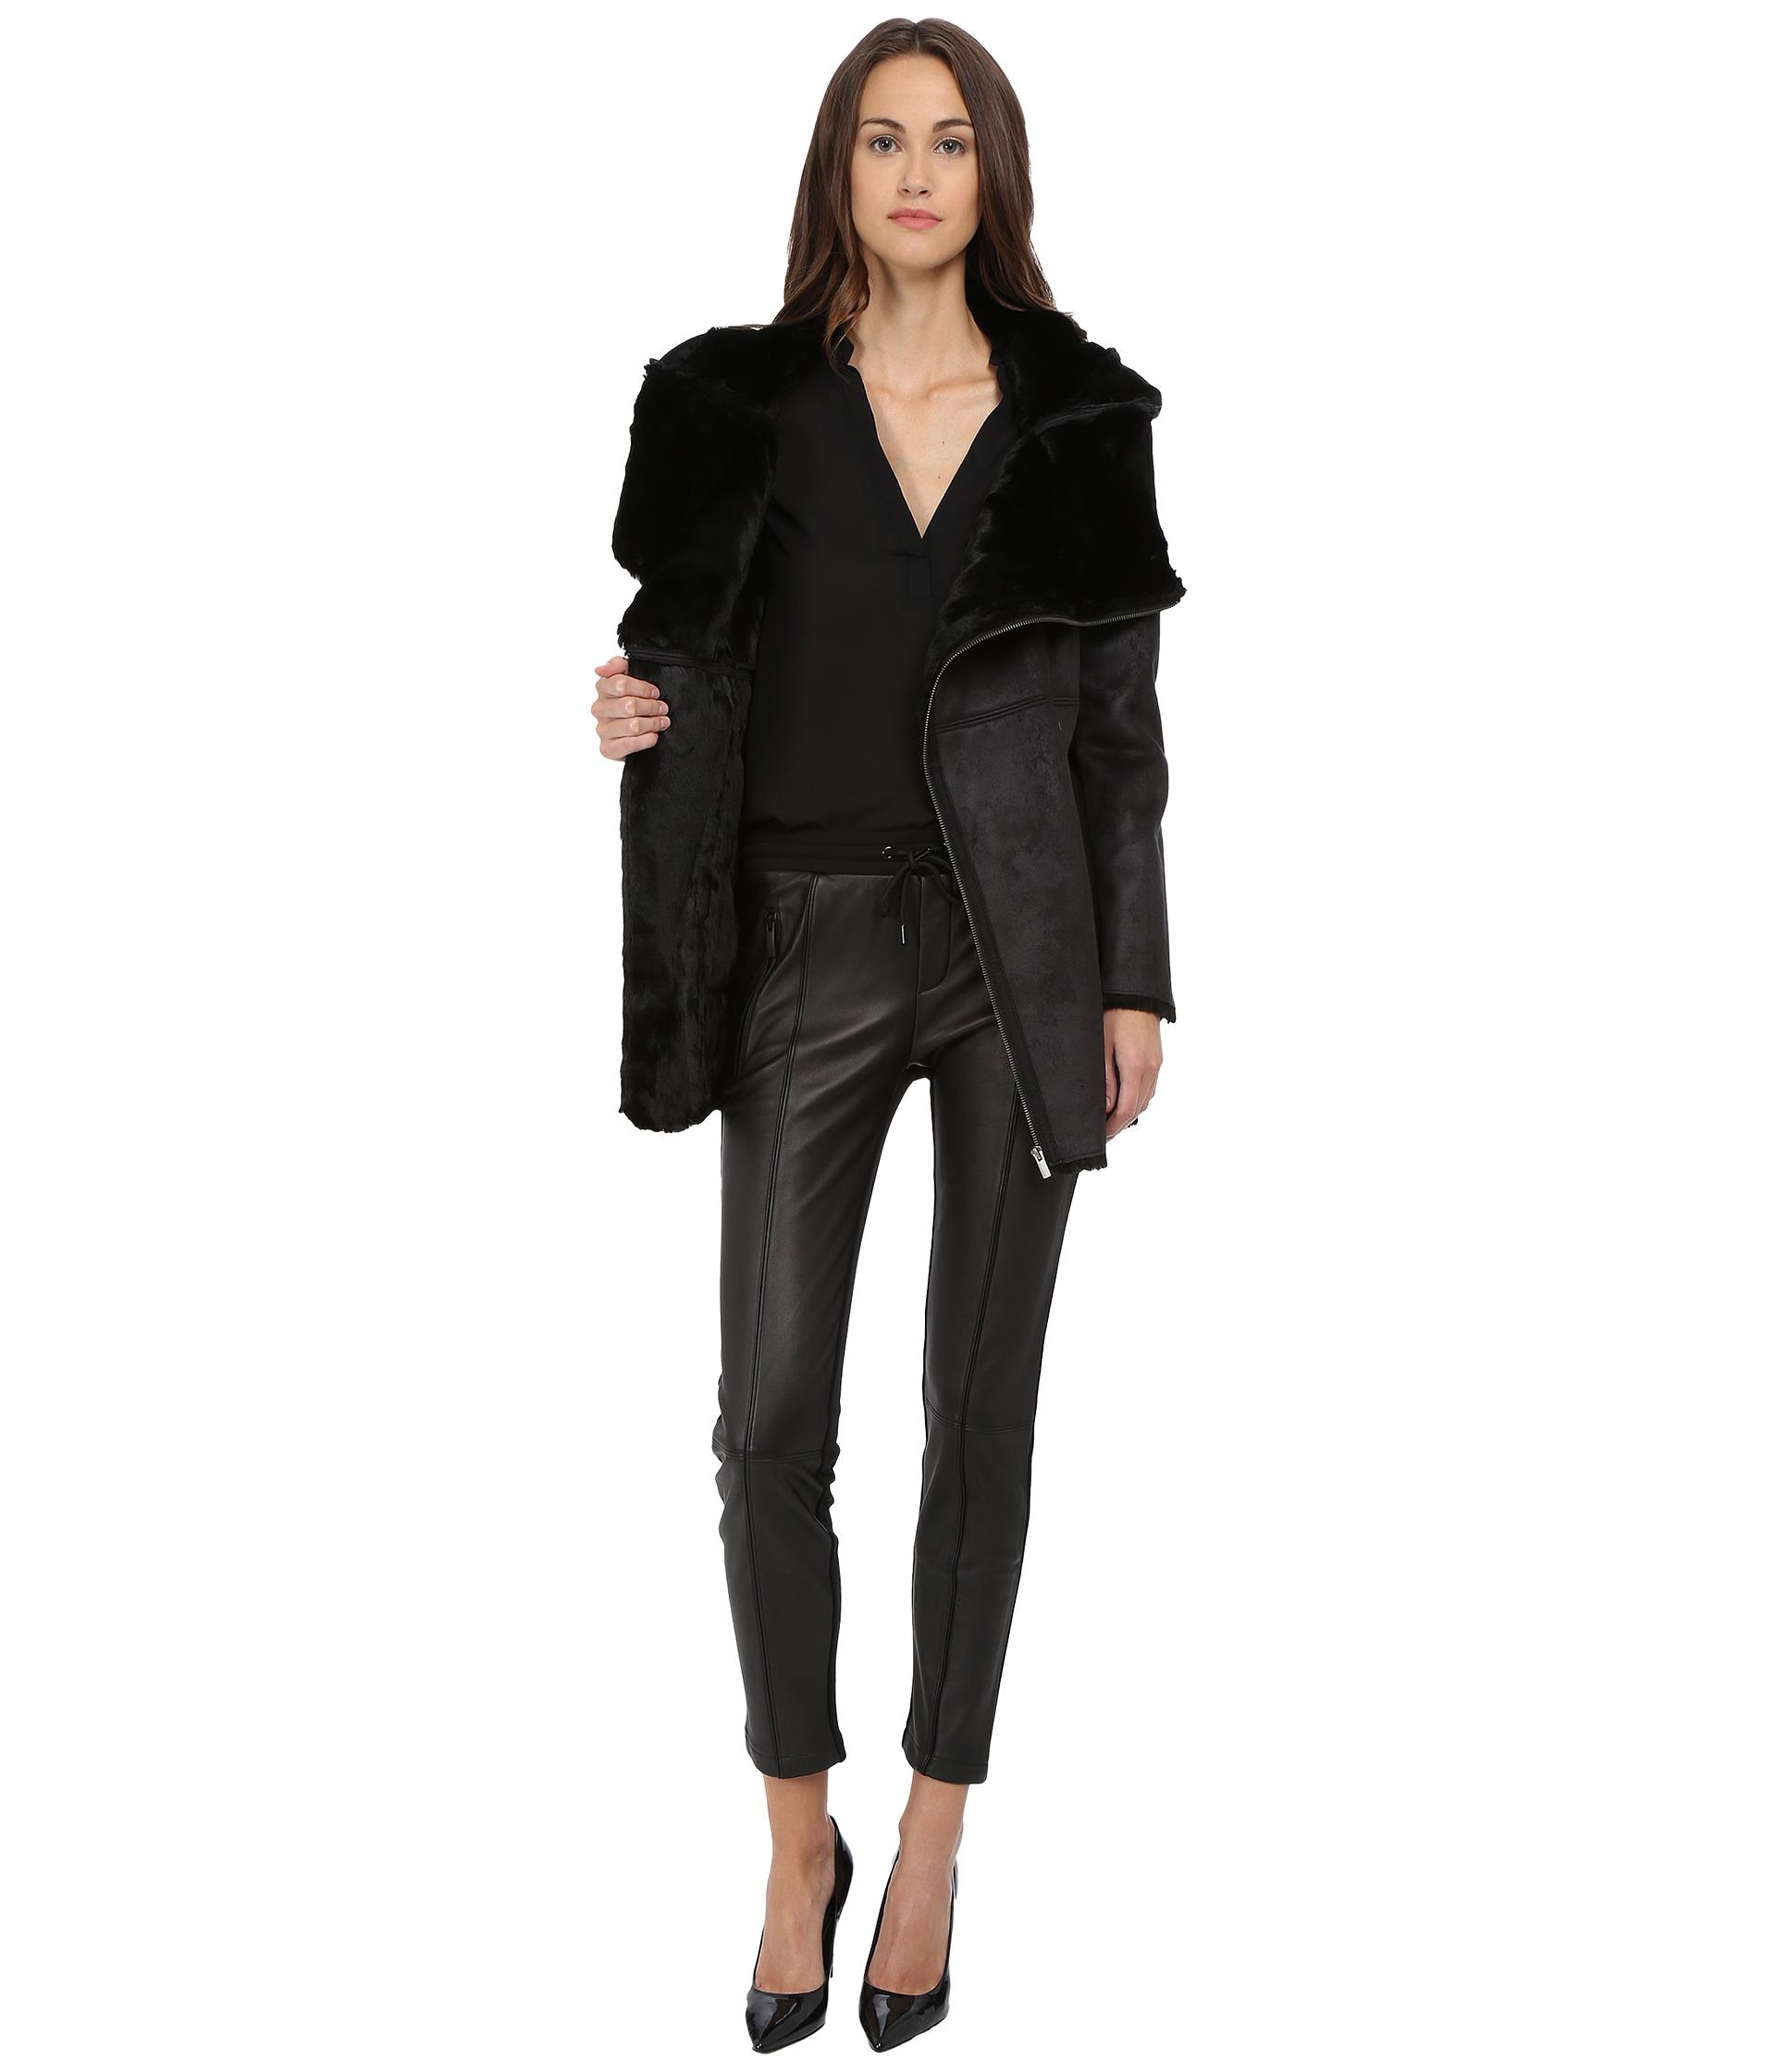 Leather jackets polish